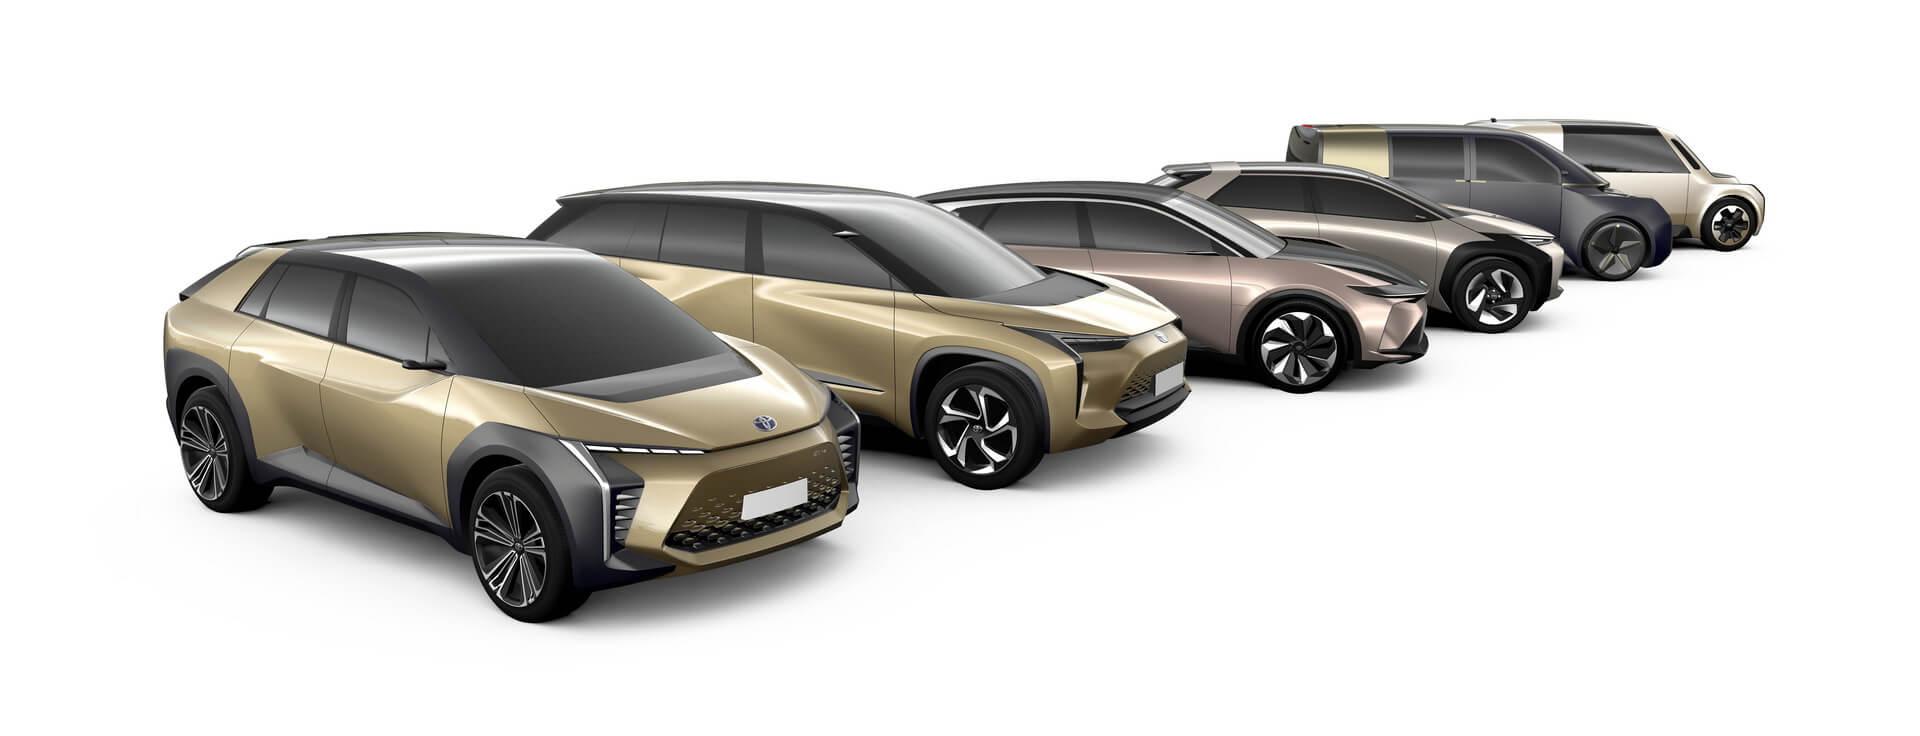 Концептуальные электромобили Toyota